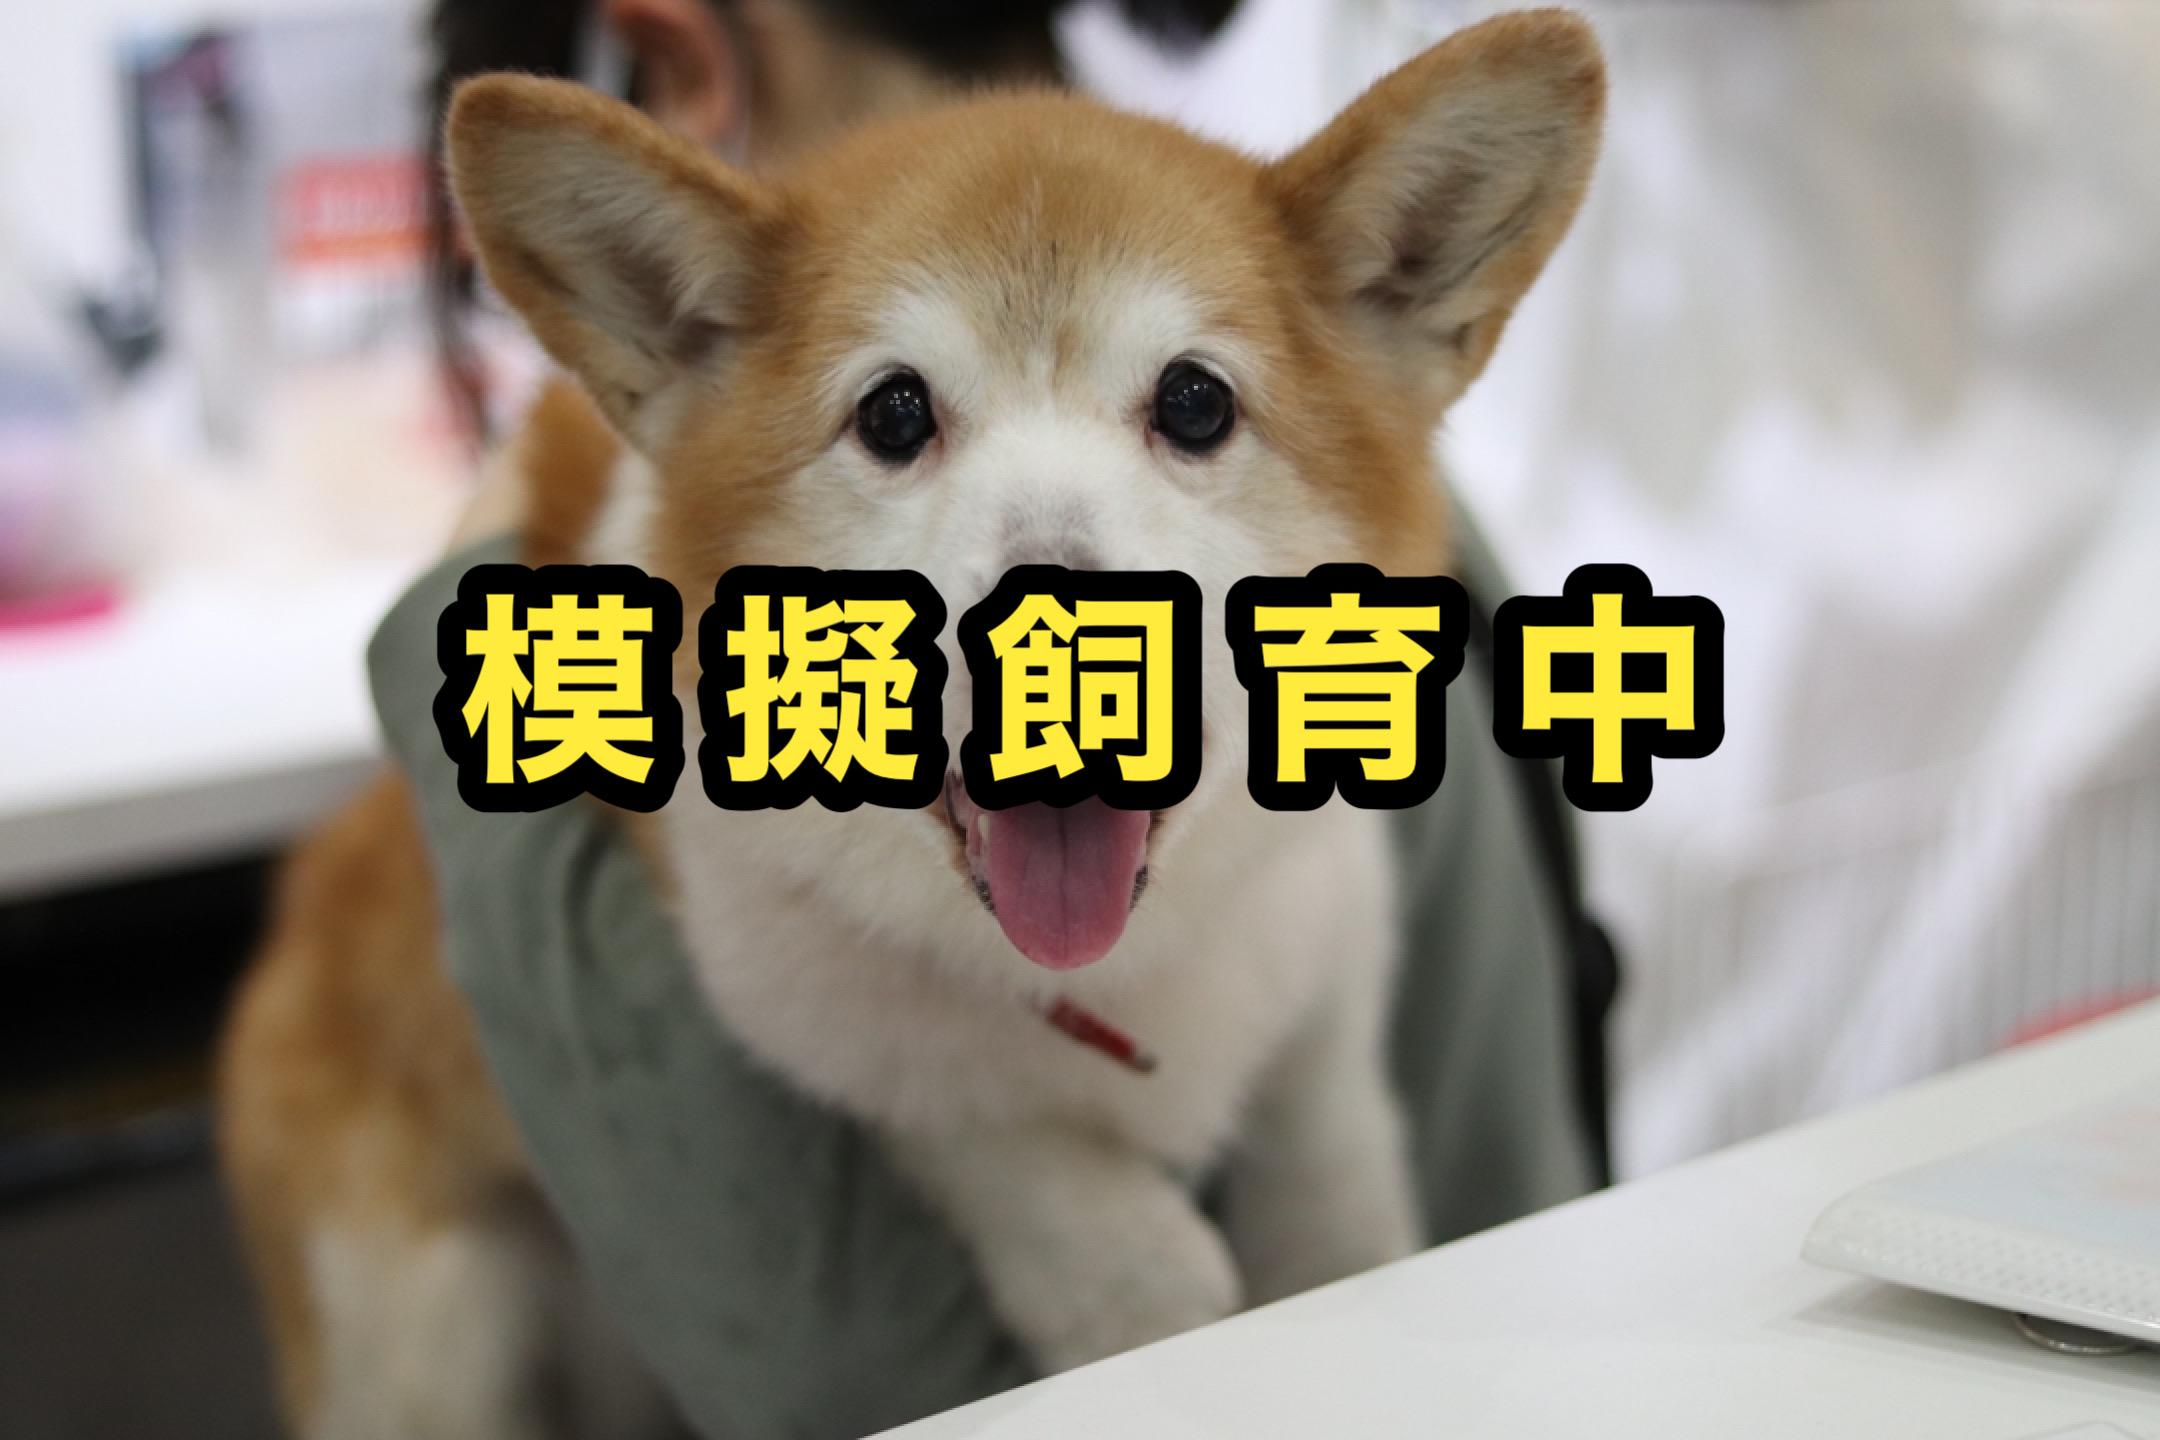 <ul> <li>犬種:ウェルシュコーギー</li> <li>性別:男の子</li> <li>名前:サンジ</li> <li>年齢:2009年春頃生まれ</li> <li>保護経緯:飼い主が多忙になり世話が出来ず飼育困難</li> </ul>